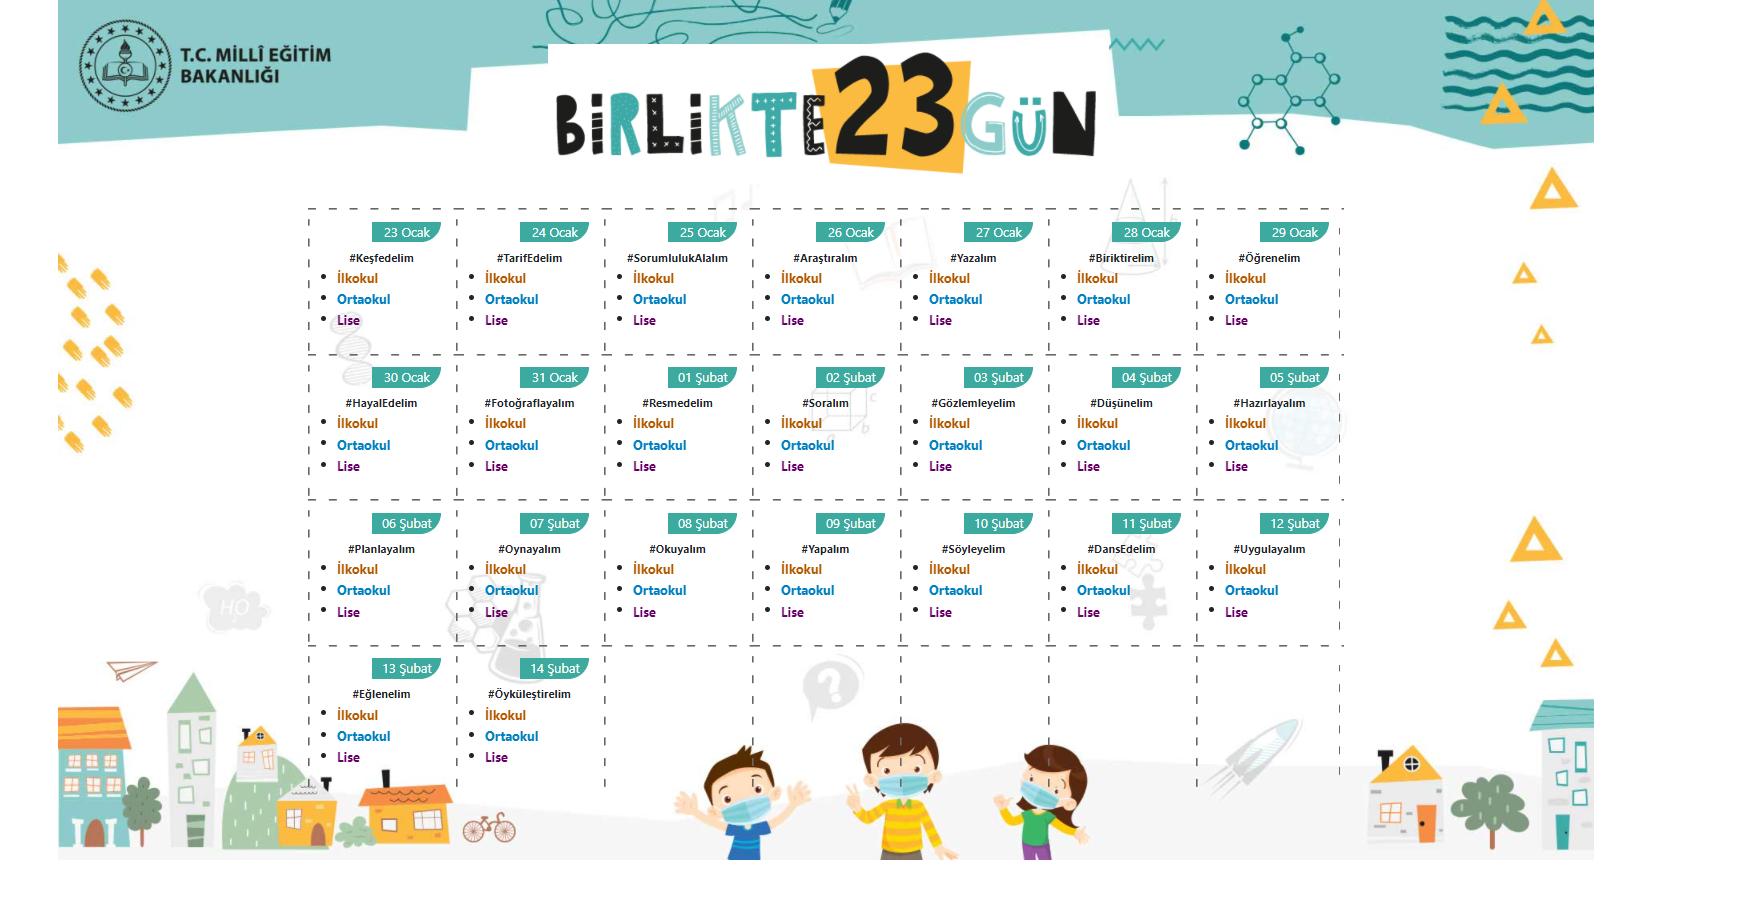 MEB 23 gün etkinlik nedir? 23 gün etkinlik nasıl bakılır, nasıl indirilir? 23 gün etkinlikte neler var?